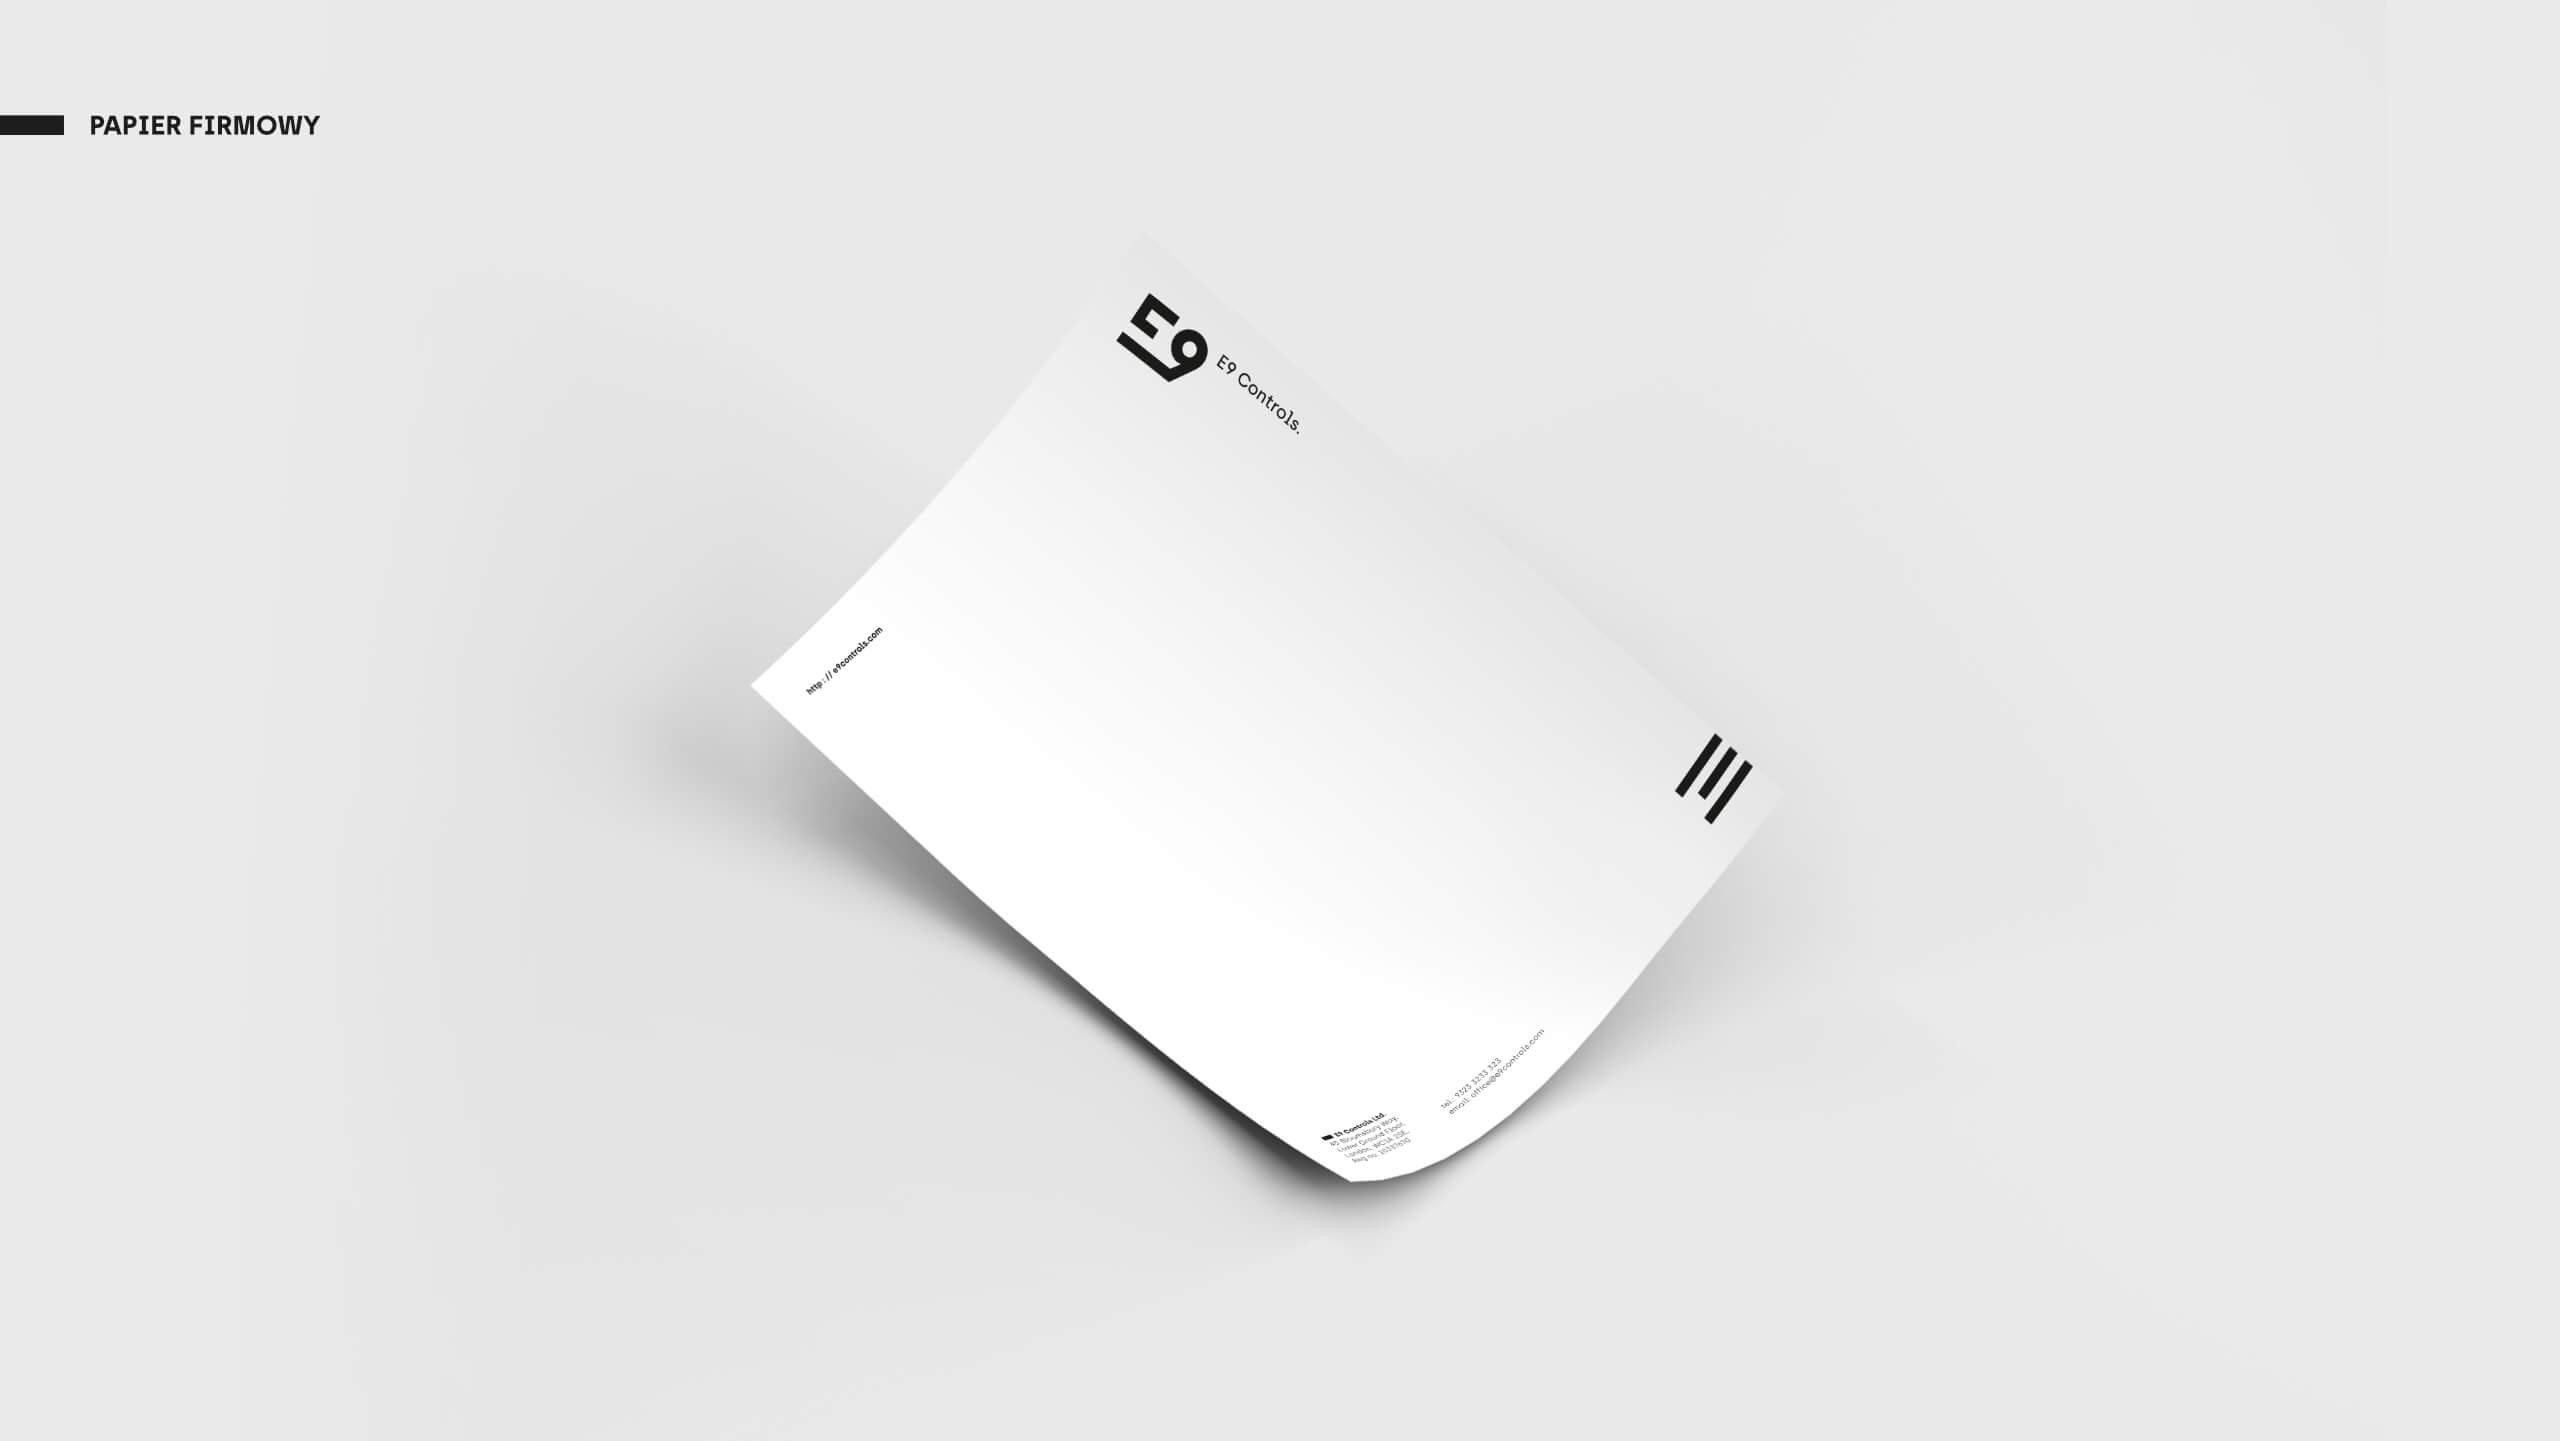 E9 Controls - Projekt papieru firmowego